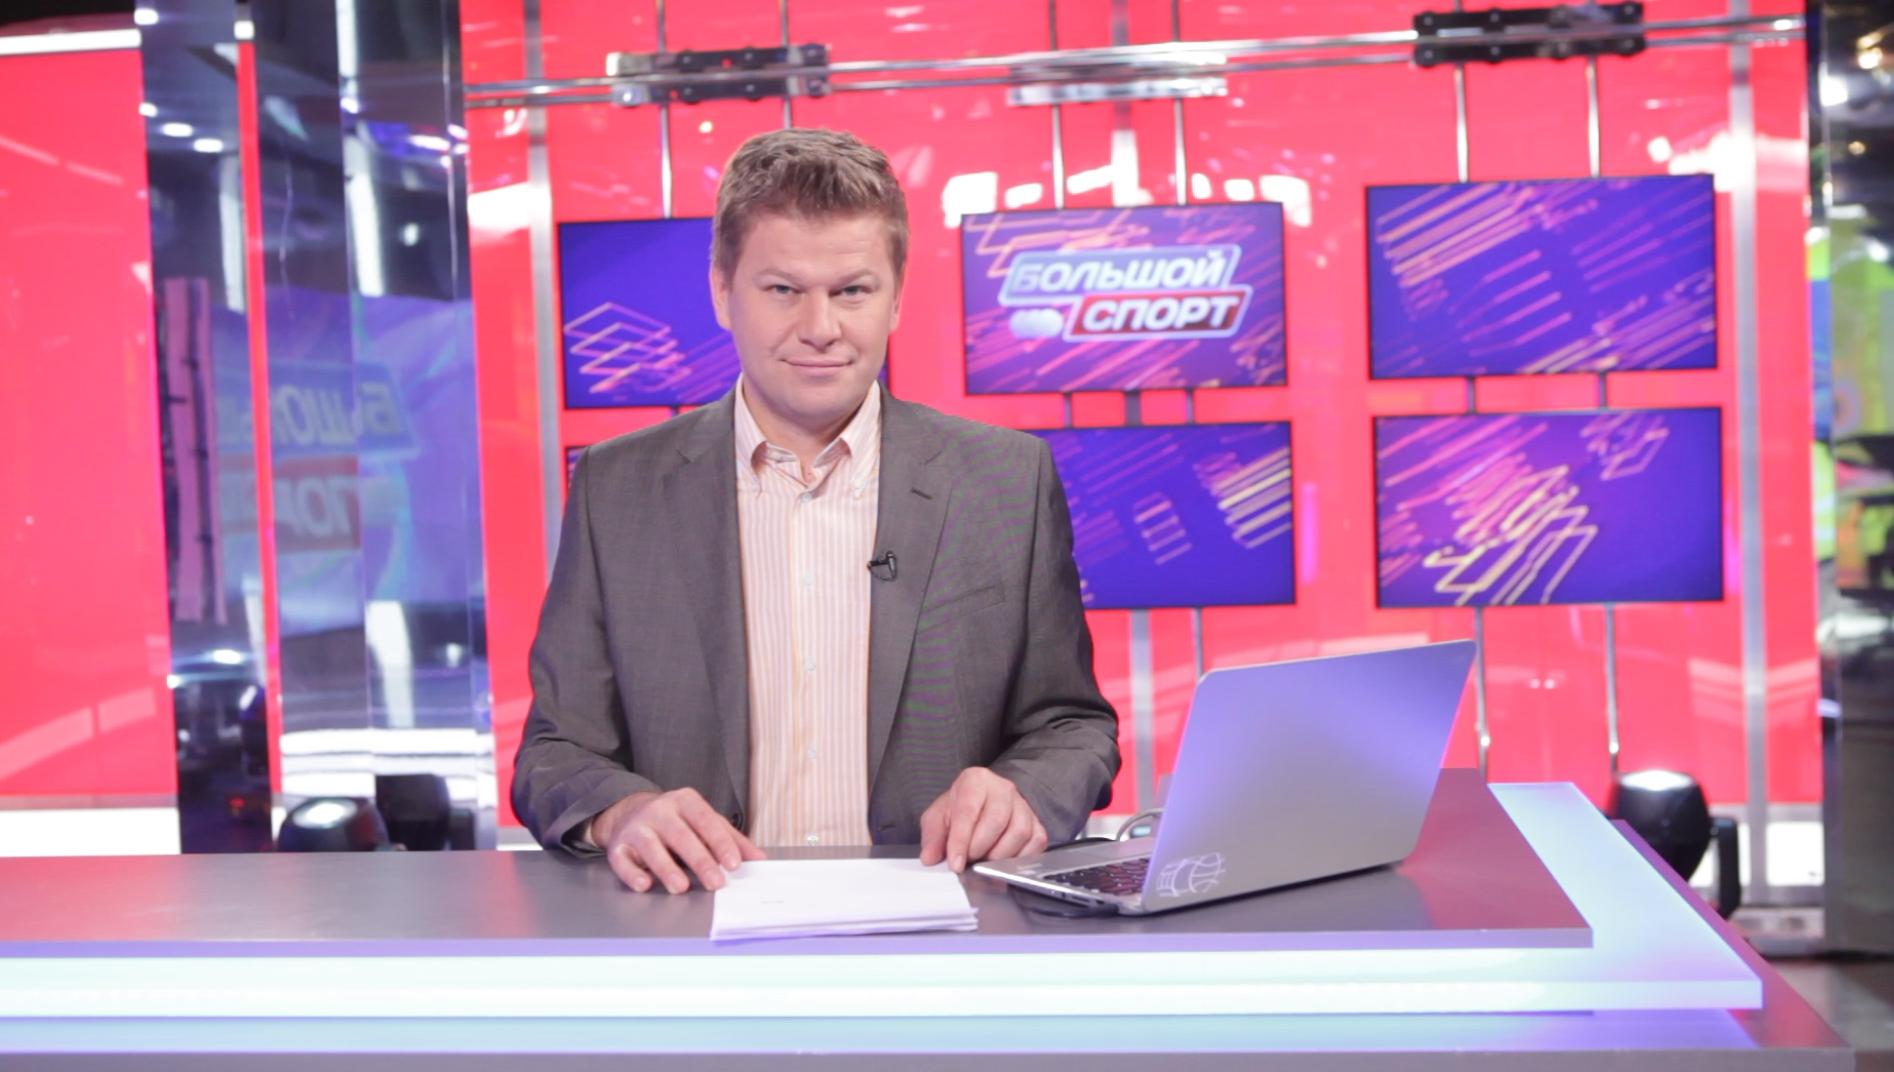 Телеканал спорт смотреть онлайн прямой эфир бесплатно россия 5 фотография